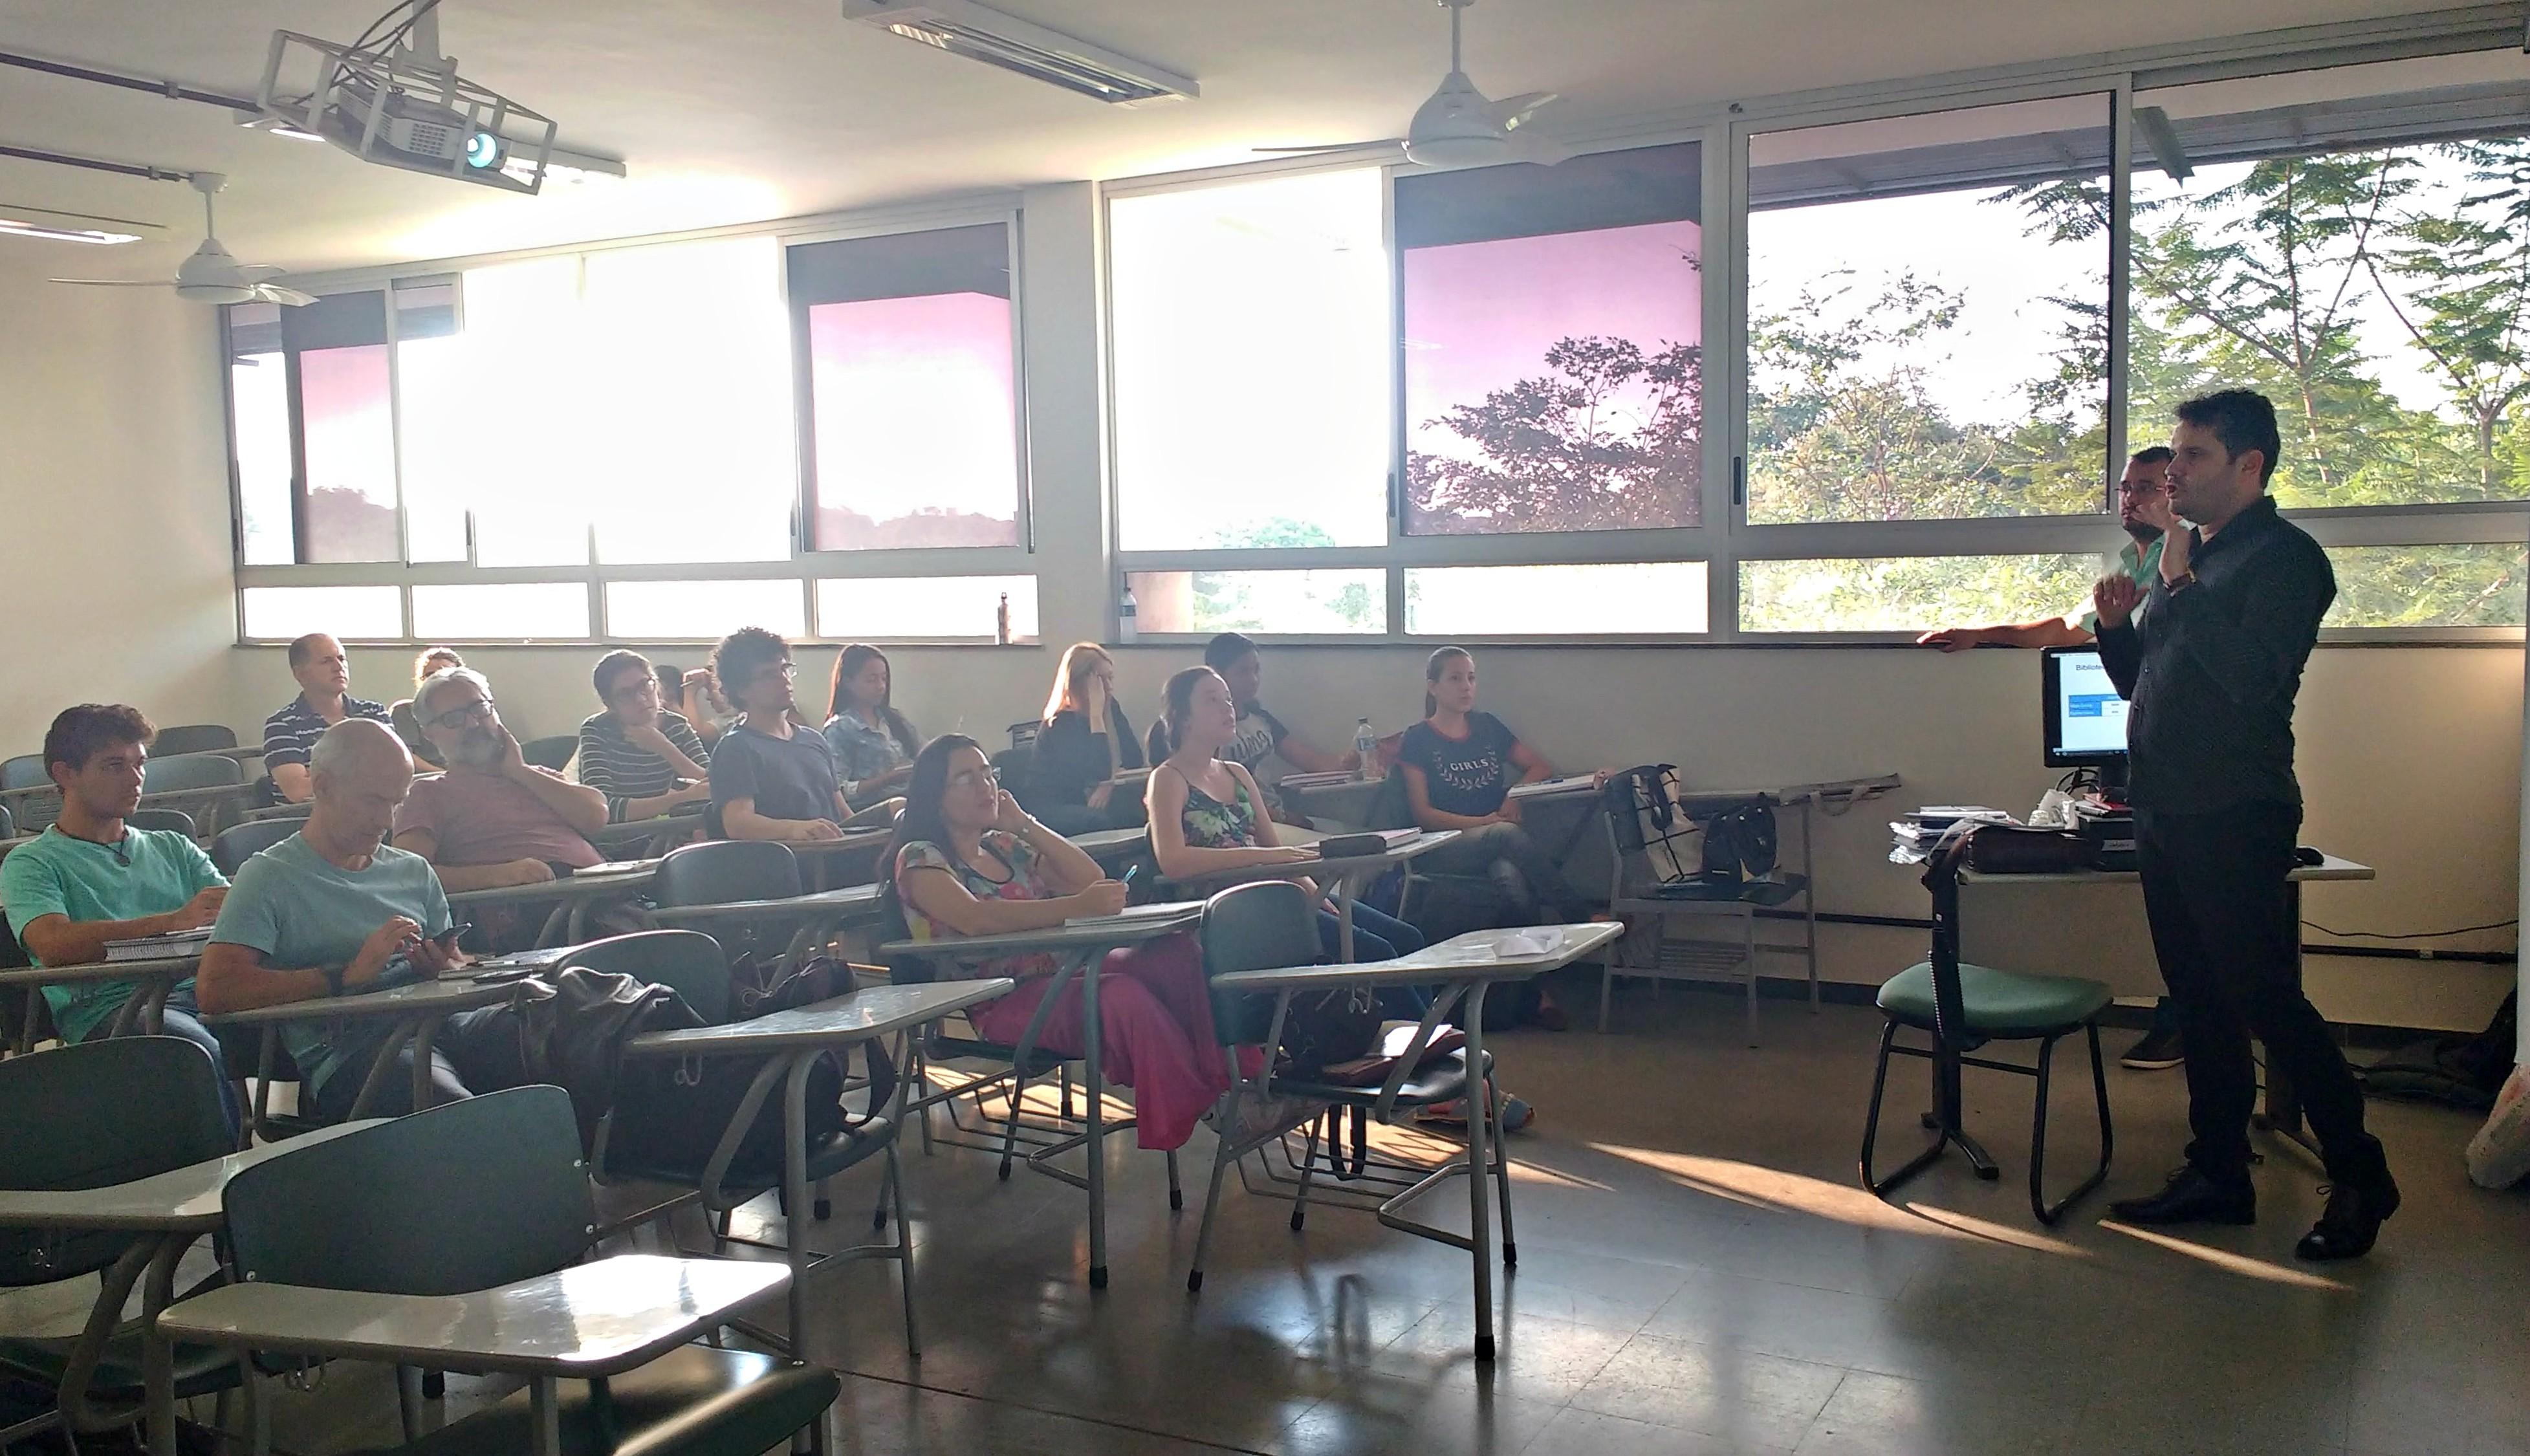 Álamo Chaves (CRB-6/2790) representou o CRB-6 na palestra ministrada para graduandos em Biblioteconomia na UFMG (Foto: Maysa Zucheratto/Prefácio Comunicação)